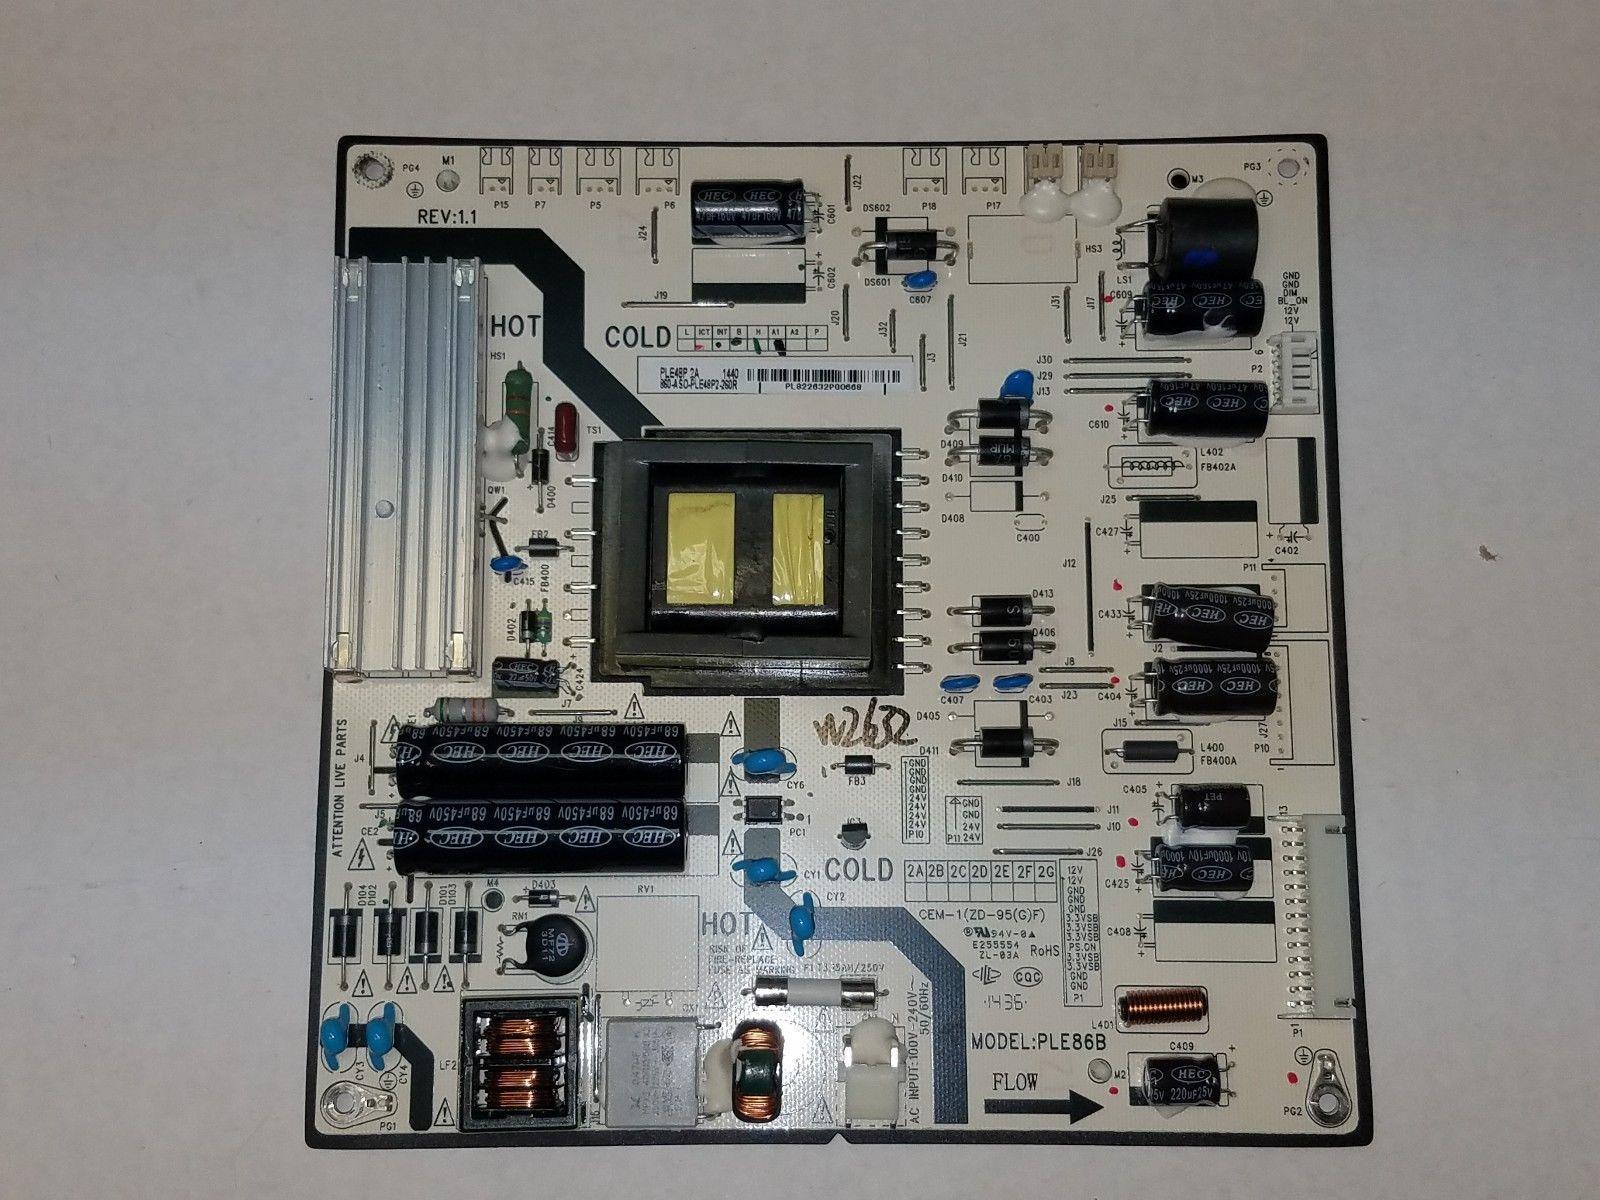 Viewsonic CDE3200-L Power Supply 860-AS0-PLE48P2-260R